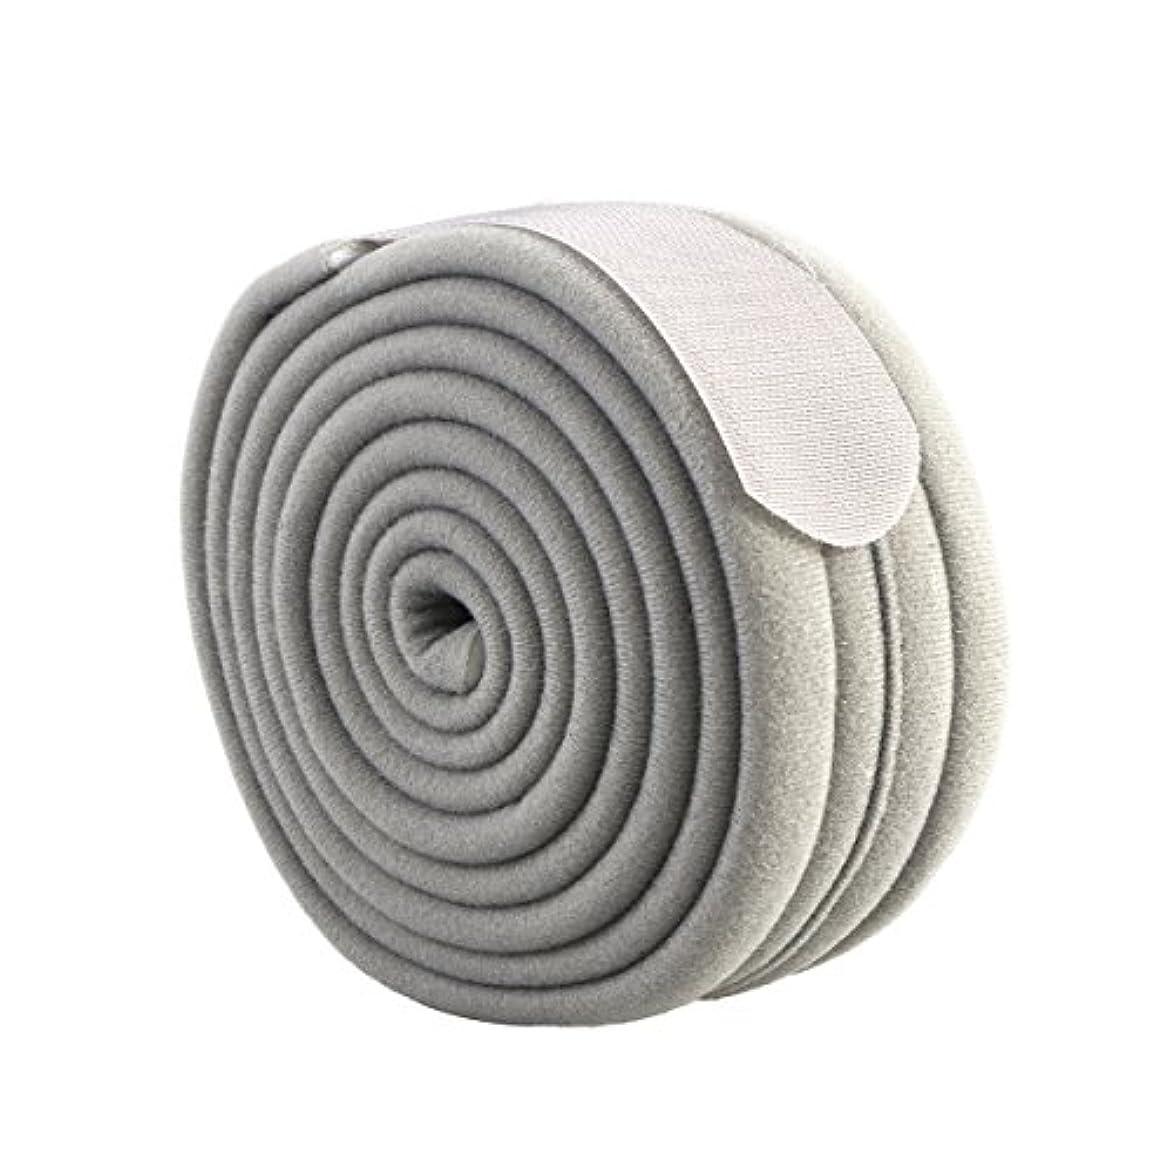 用心切り離す西部ROSENICE アームスリング アームホルダー アームスリング アームのサポート 調節可能 通気性 調節可能 腕の骨折?脱臼時のギプス固定 男性 女性